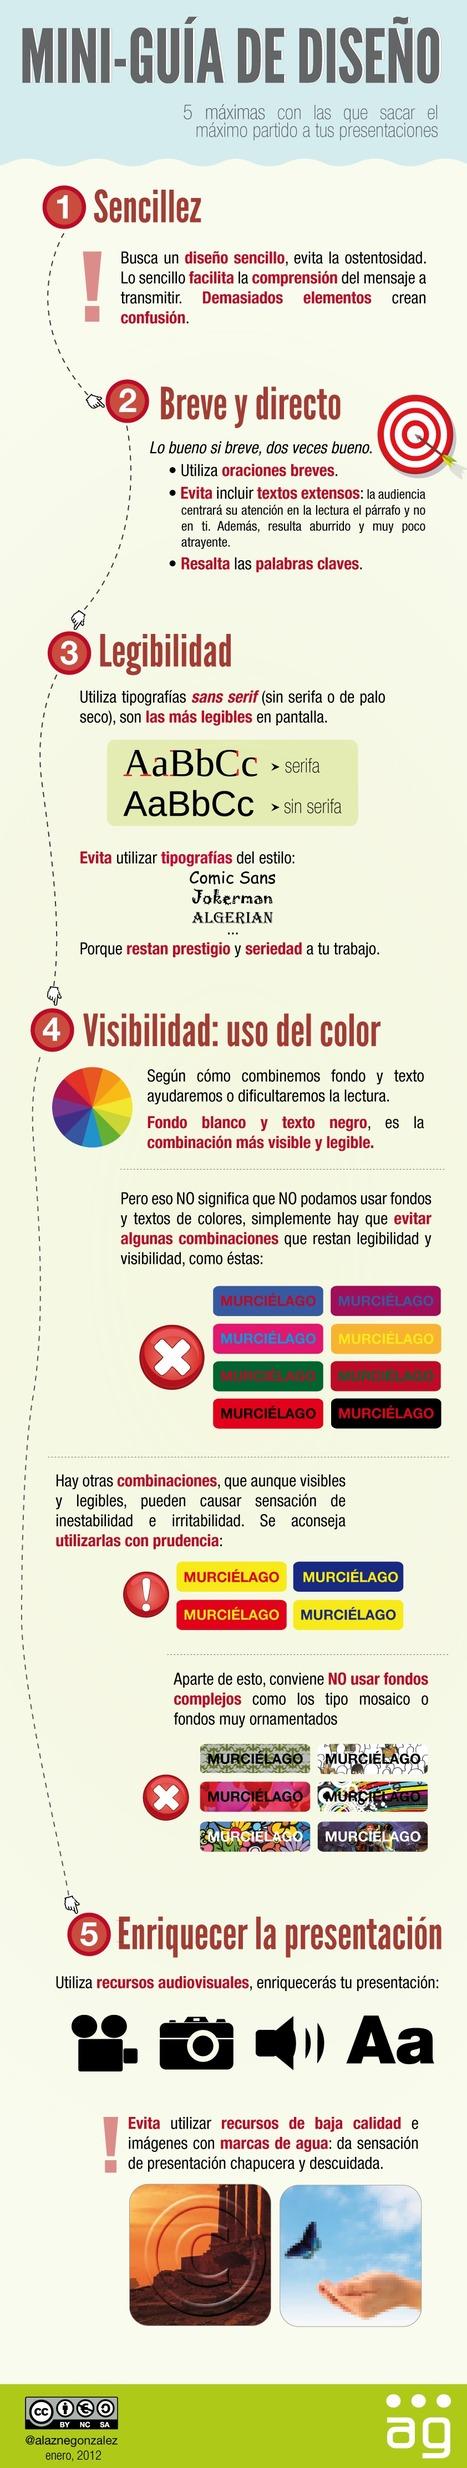 Infografía mini-guía de diseño para presentaciones | Herramientas digitales | Scoop.it